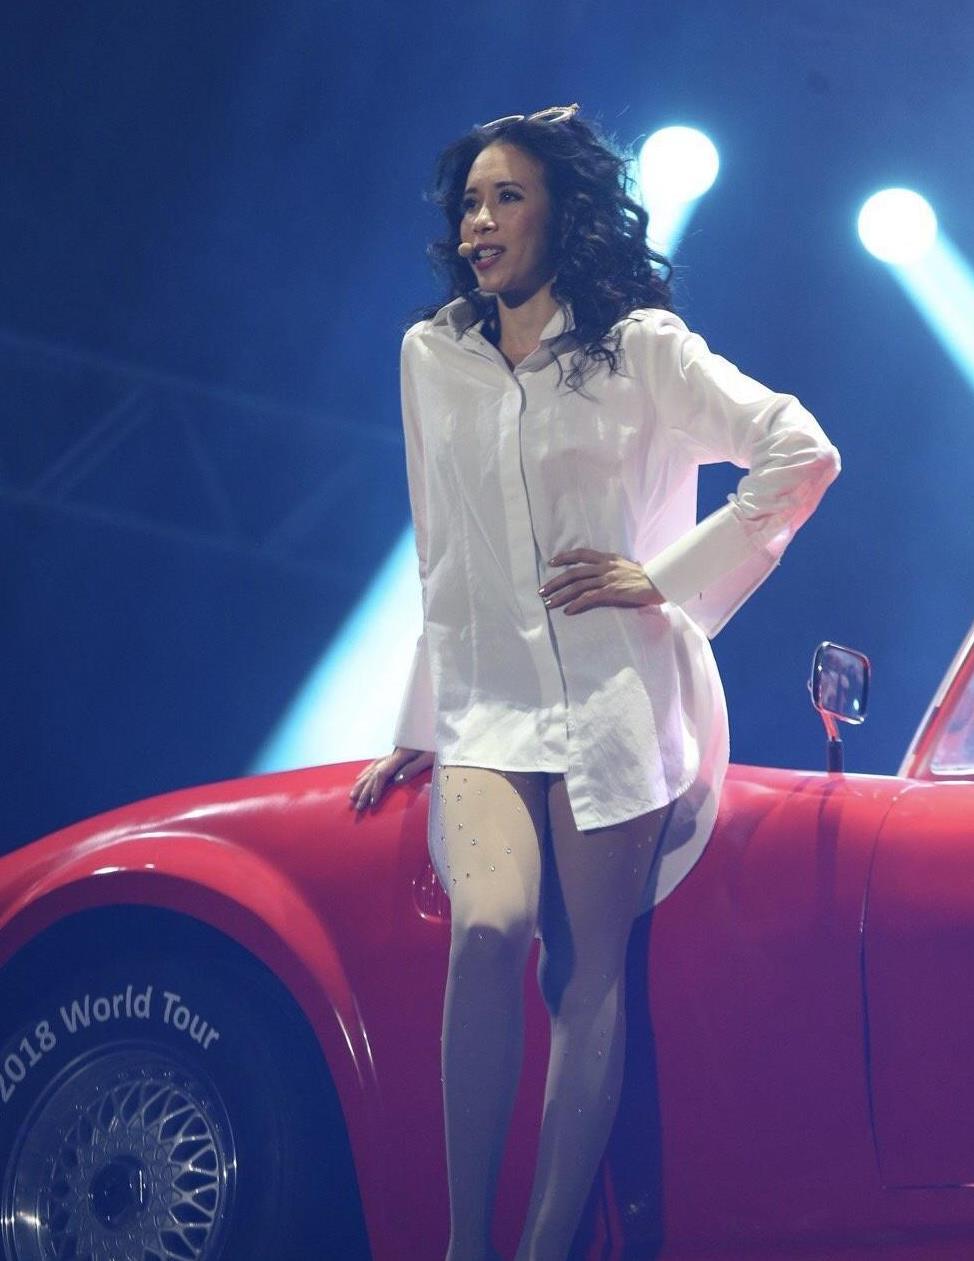 莫文蔚穿衣真大胆,卷发搭配长款白色衬衫简约时髦,气质惊艳!